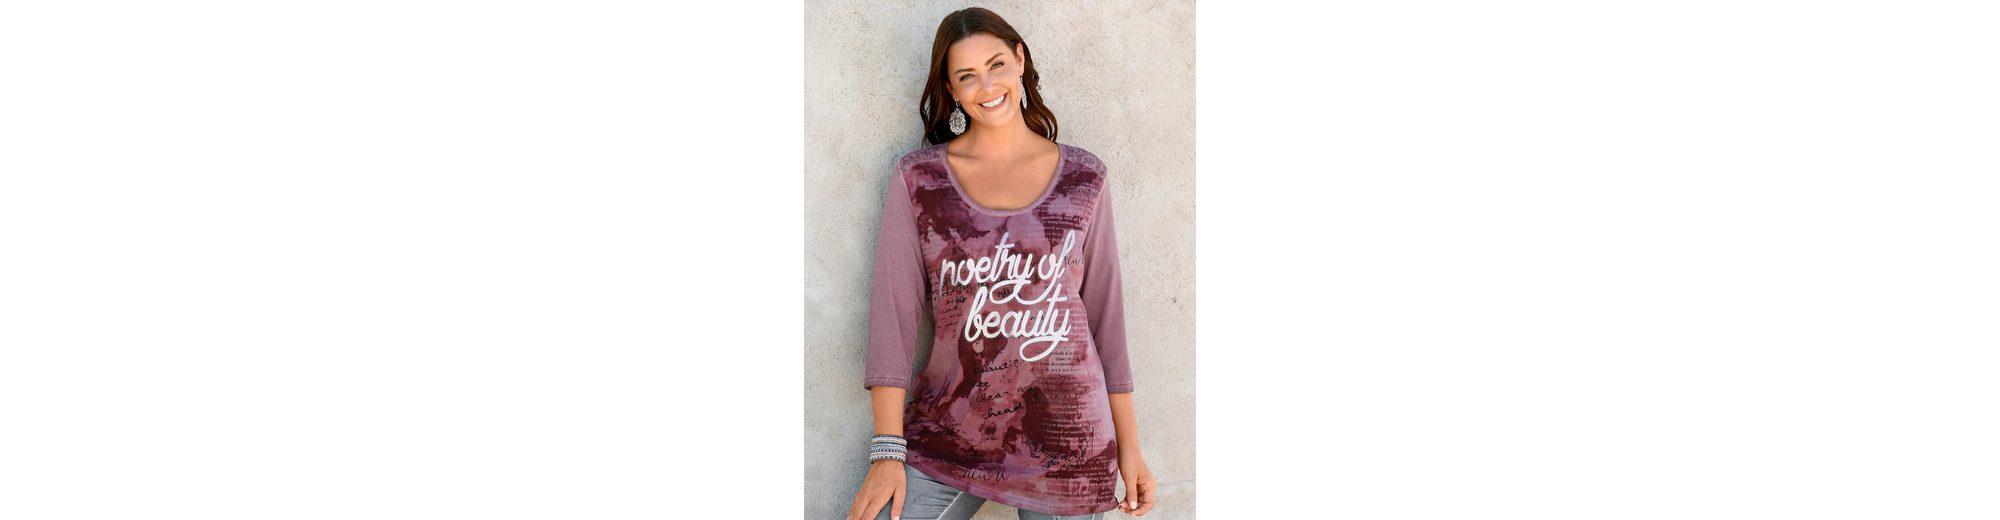 Outlet Online Bestellen Professionel MIAMODA Shirt mit glänzendem Foliendruck in Schriftzug-Form pAdCE